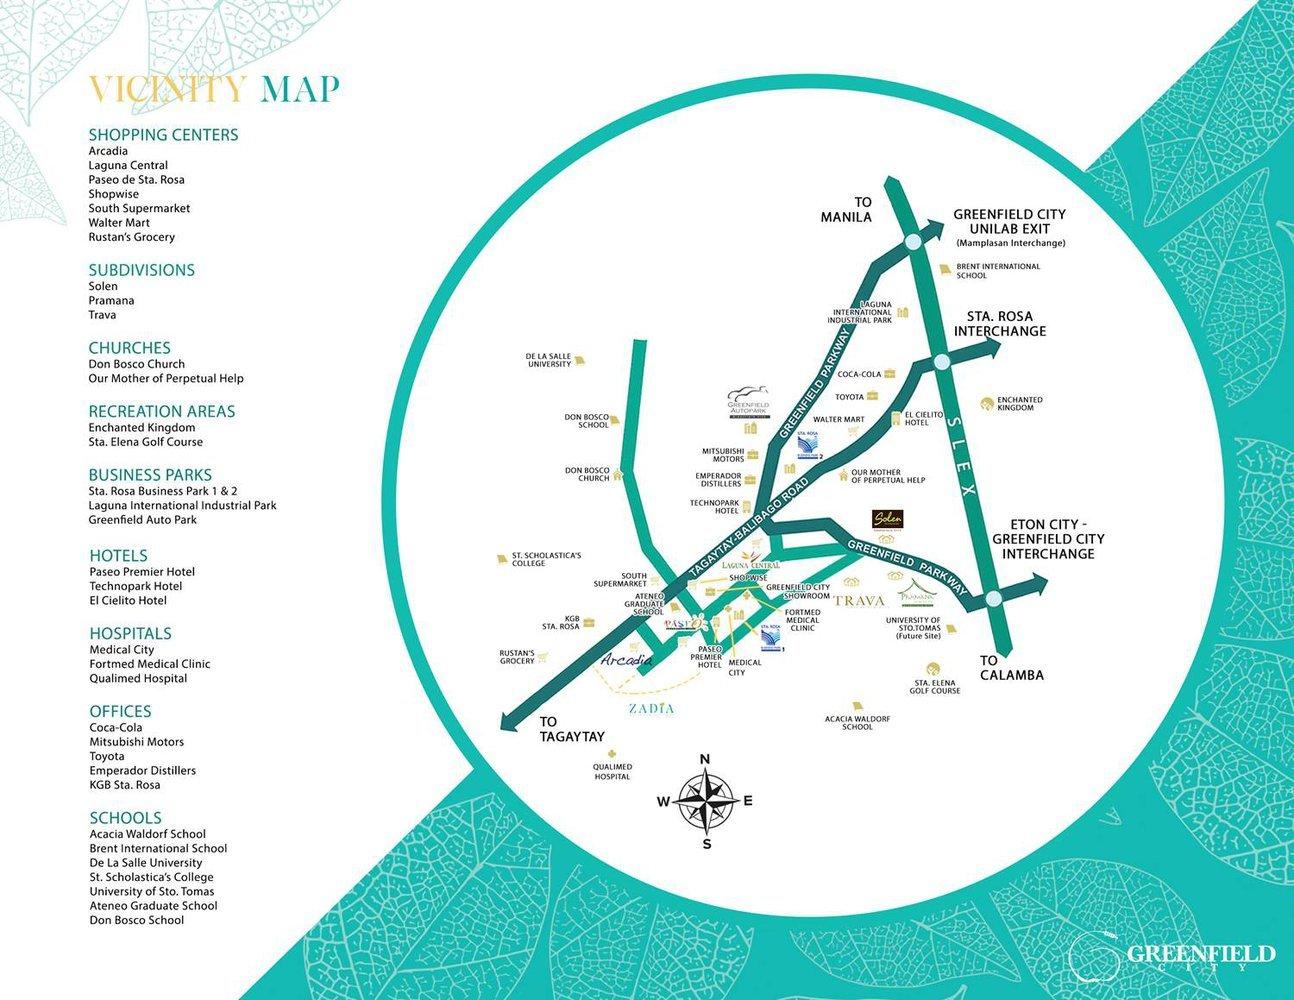 Map of Zadia